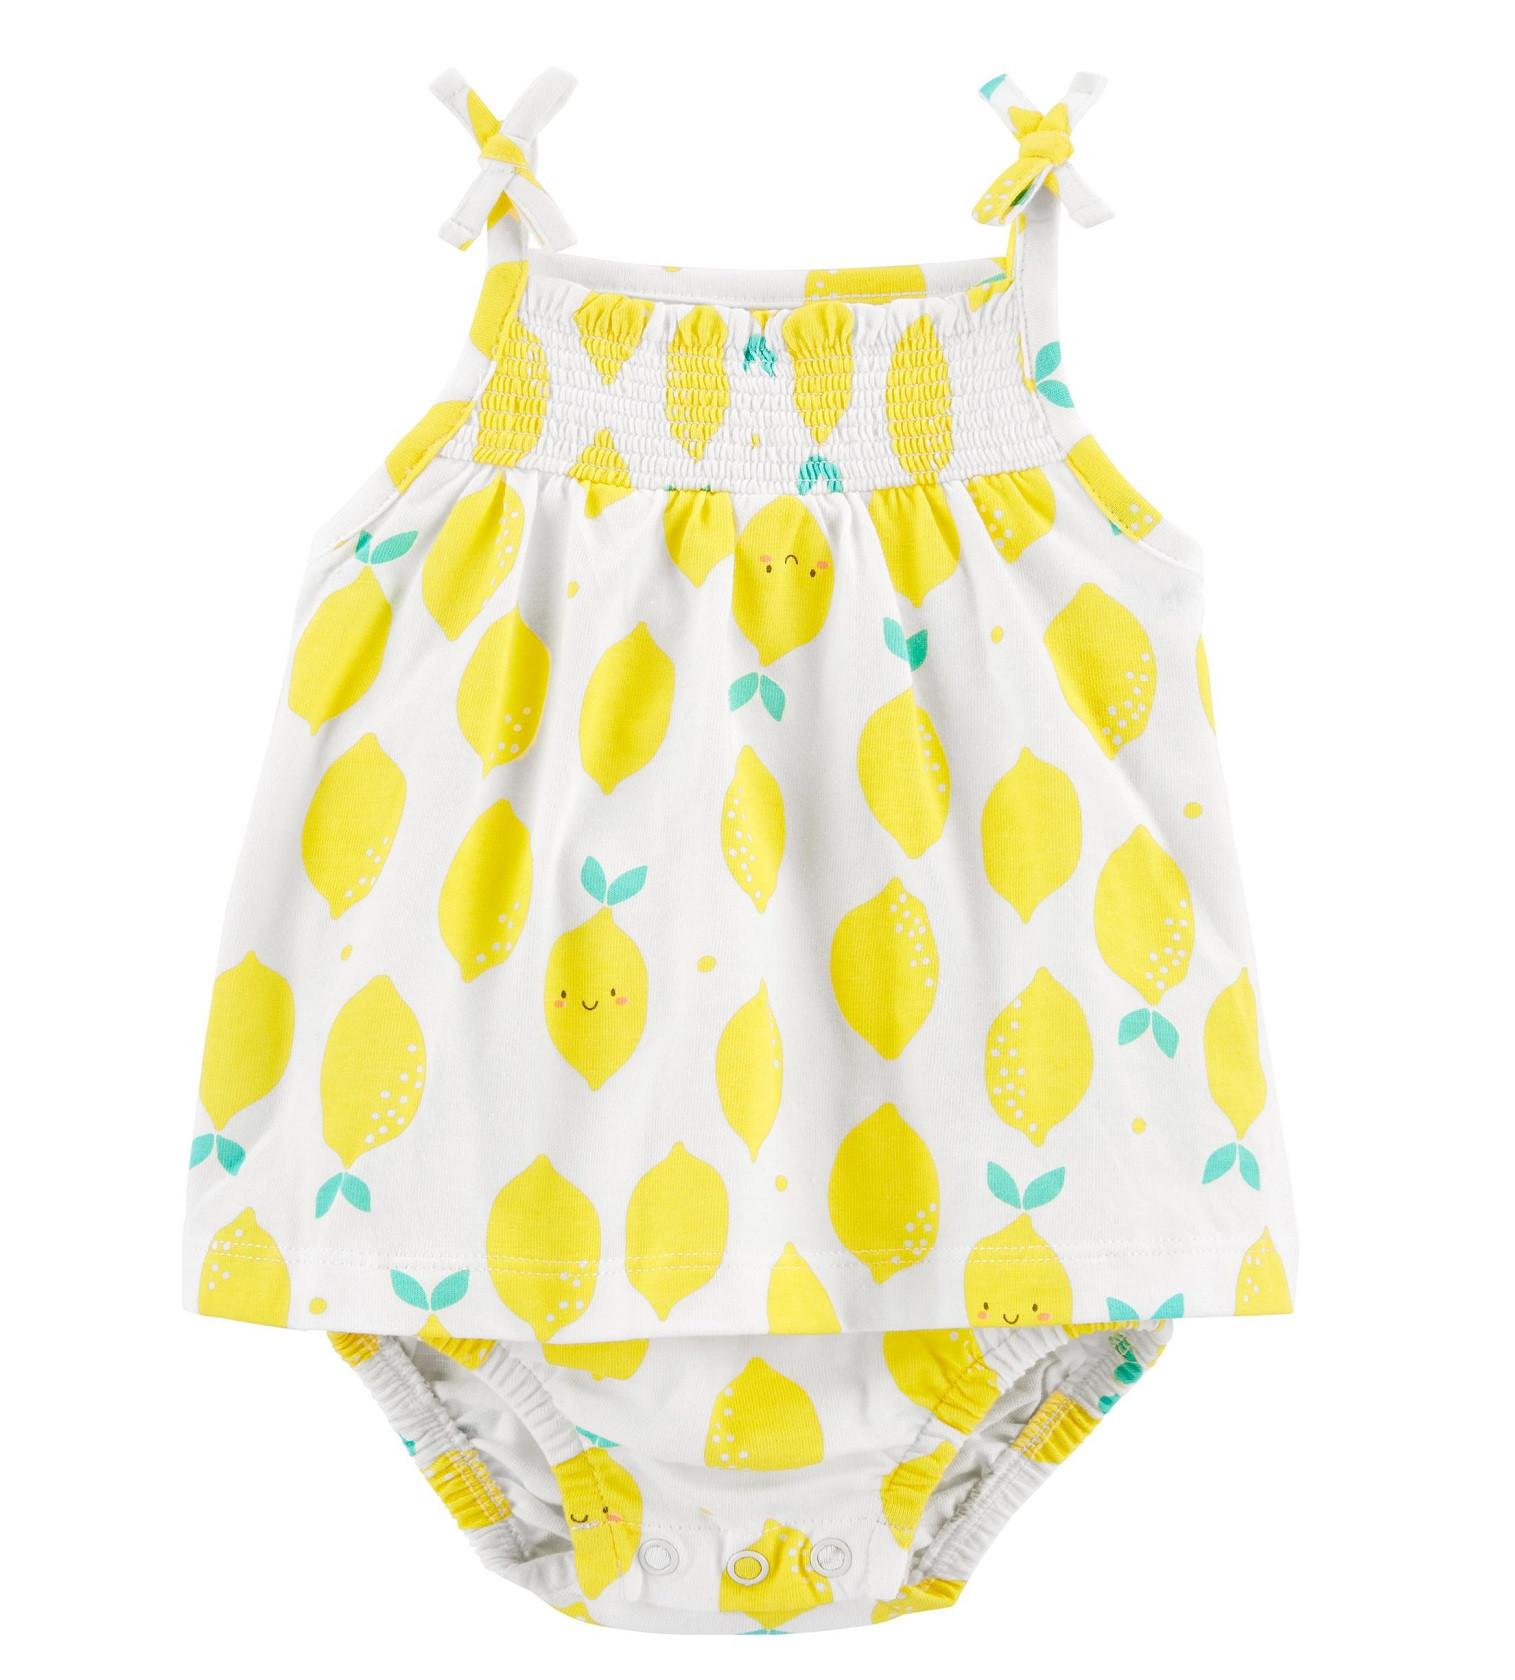 Купити Пісочник (Ромпер) Carters Lemon Yellow - фото 1